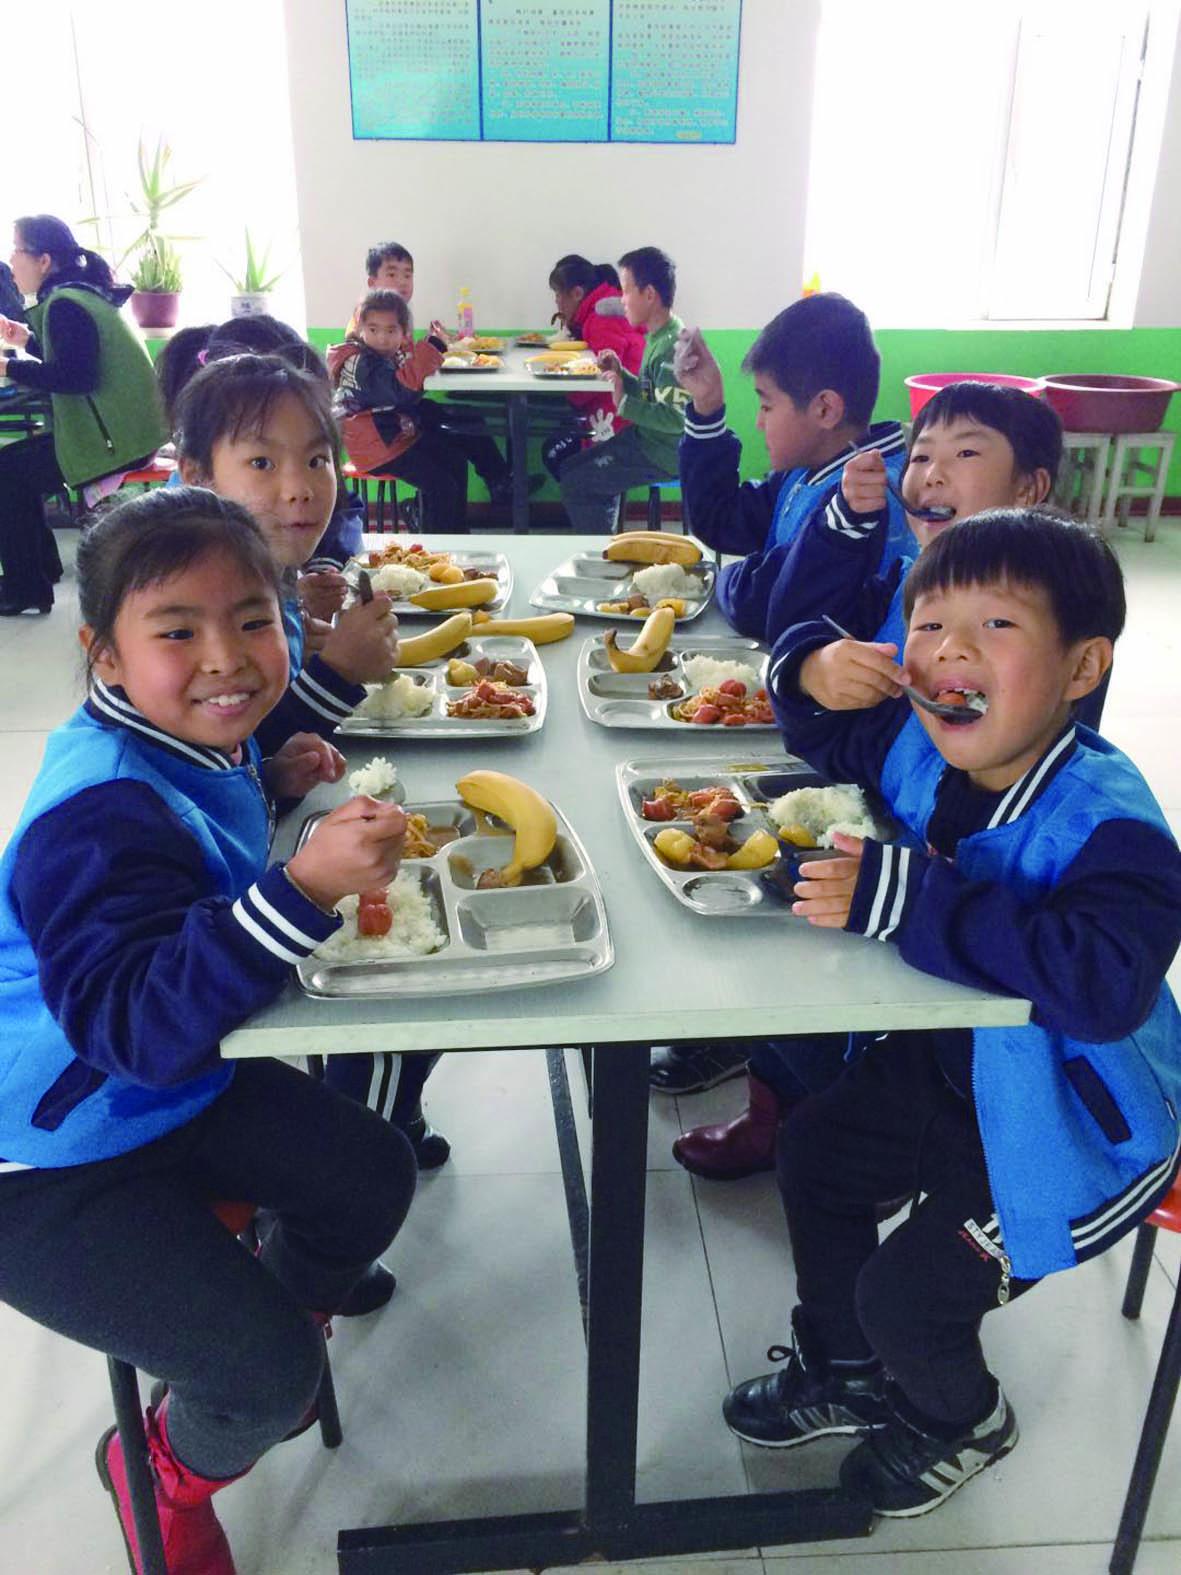 향촌아이들 맛나는 점심 무료로